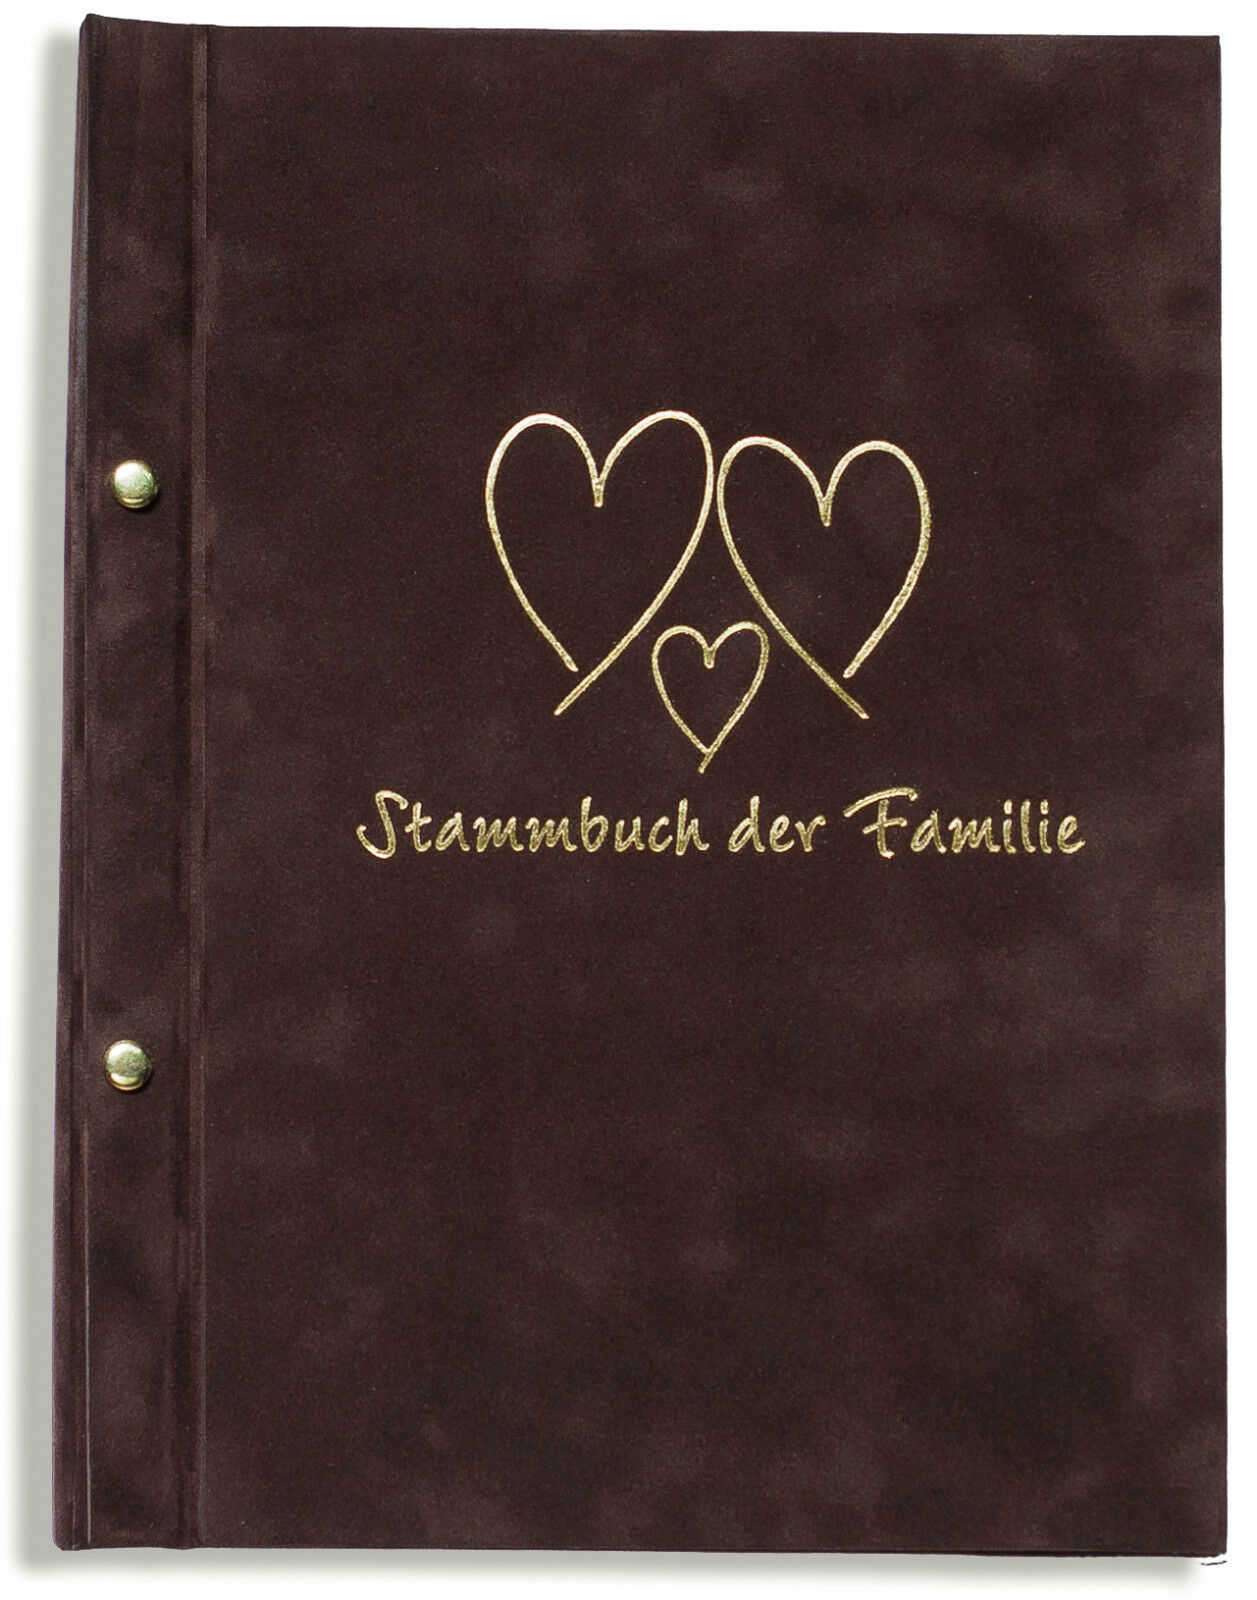 A4 Stammbuch der Familie -Tregran-, braun, Familienstammbuch, Stammbücher DIN A4 | Elegantes Aussehen  | Einfach zu bedienen  | Marke